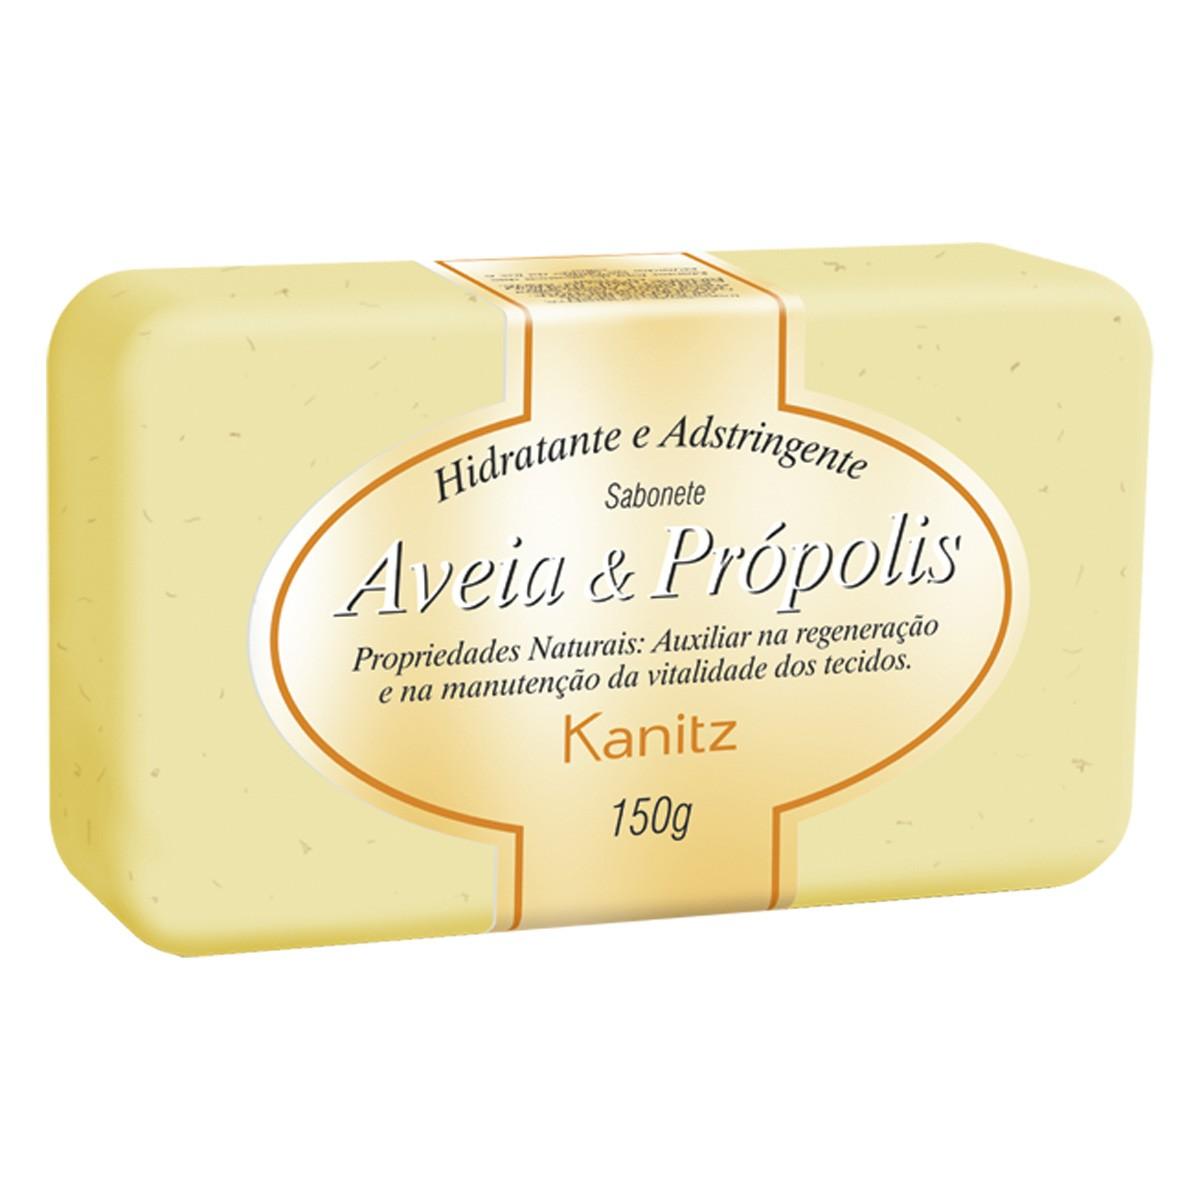 Sabonete Tratamento Aveia/Propolis 150g